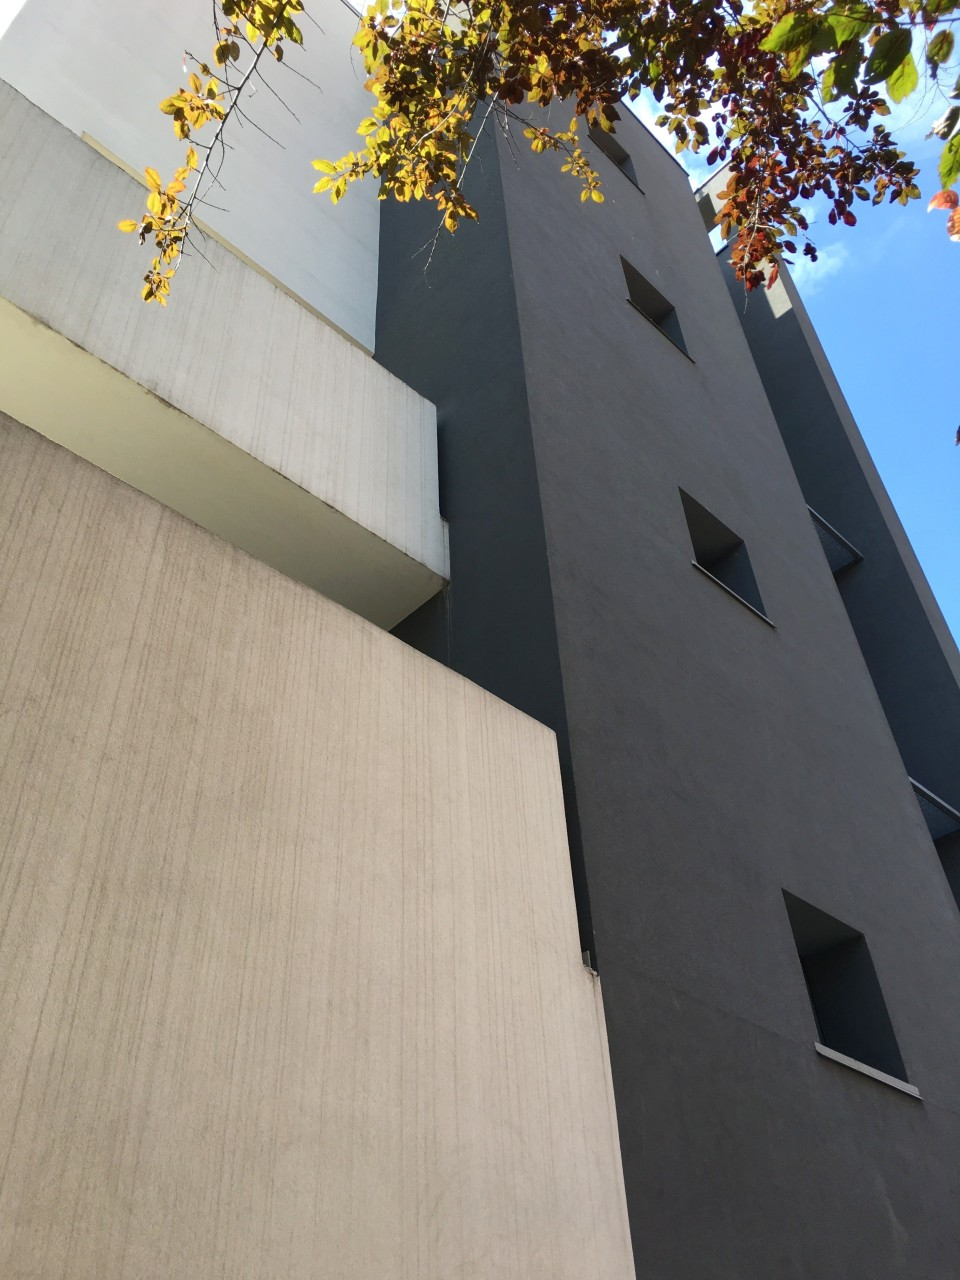 Appartamento in vendita a Parma, 2 locali, prezzo € 140.000 | CambioCasa.it